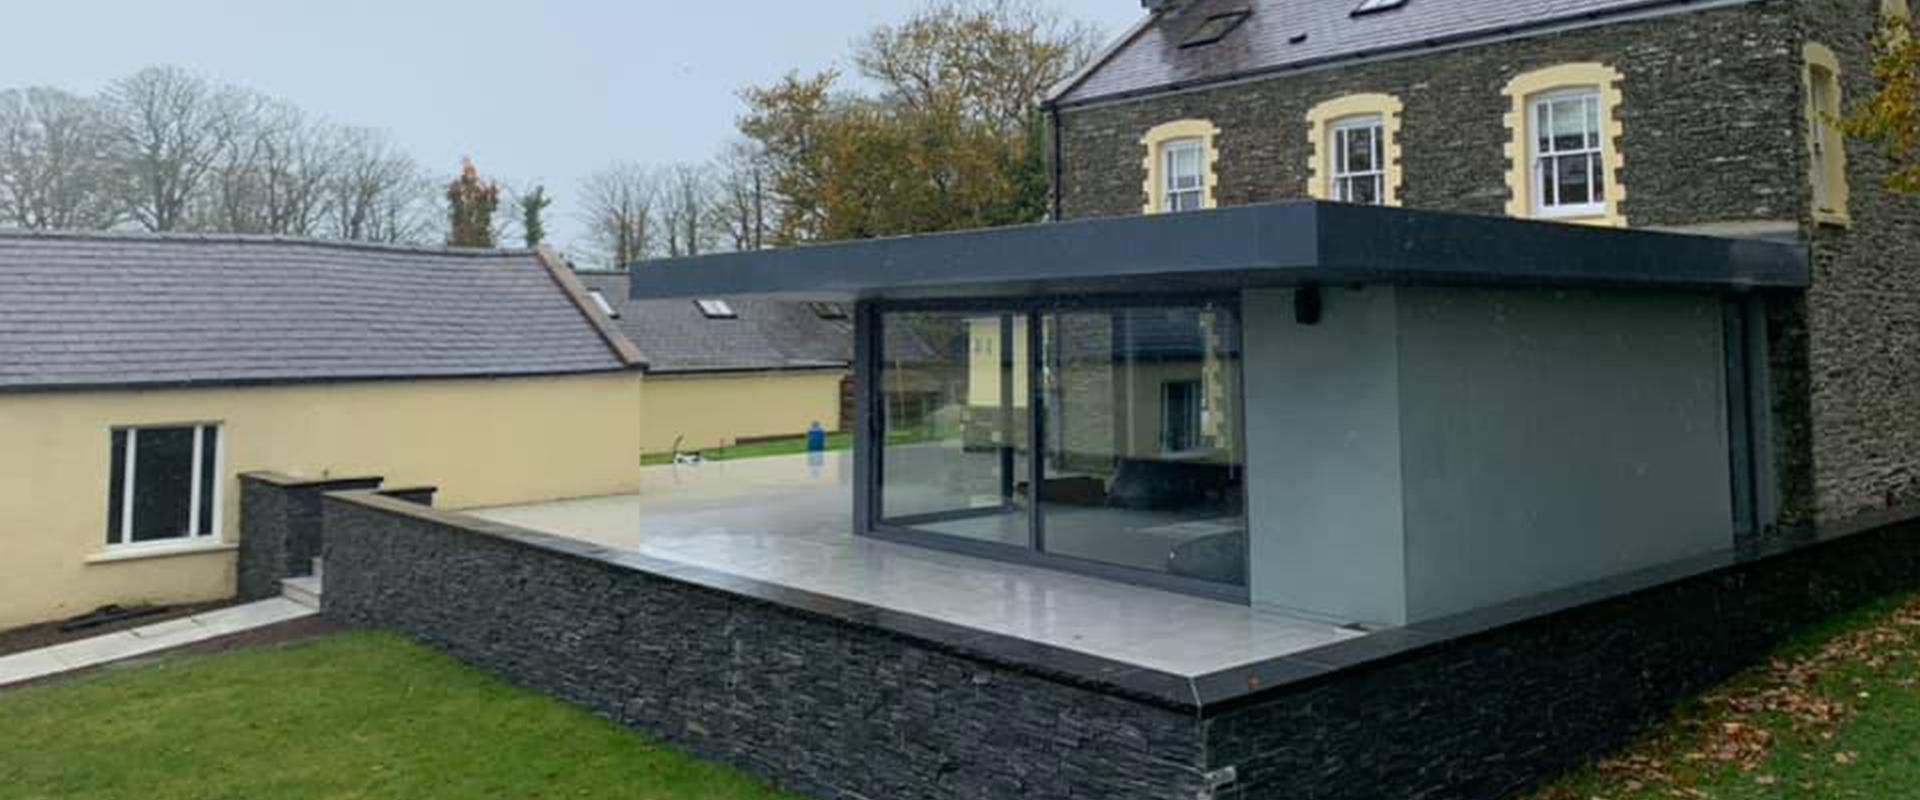 casestudy-contemporary-garden-room-extension1920x01